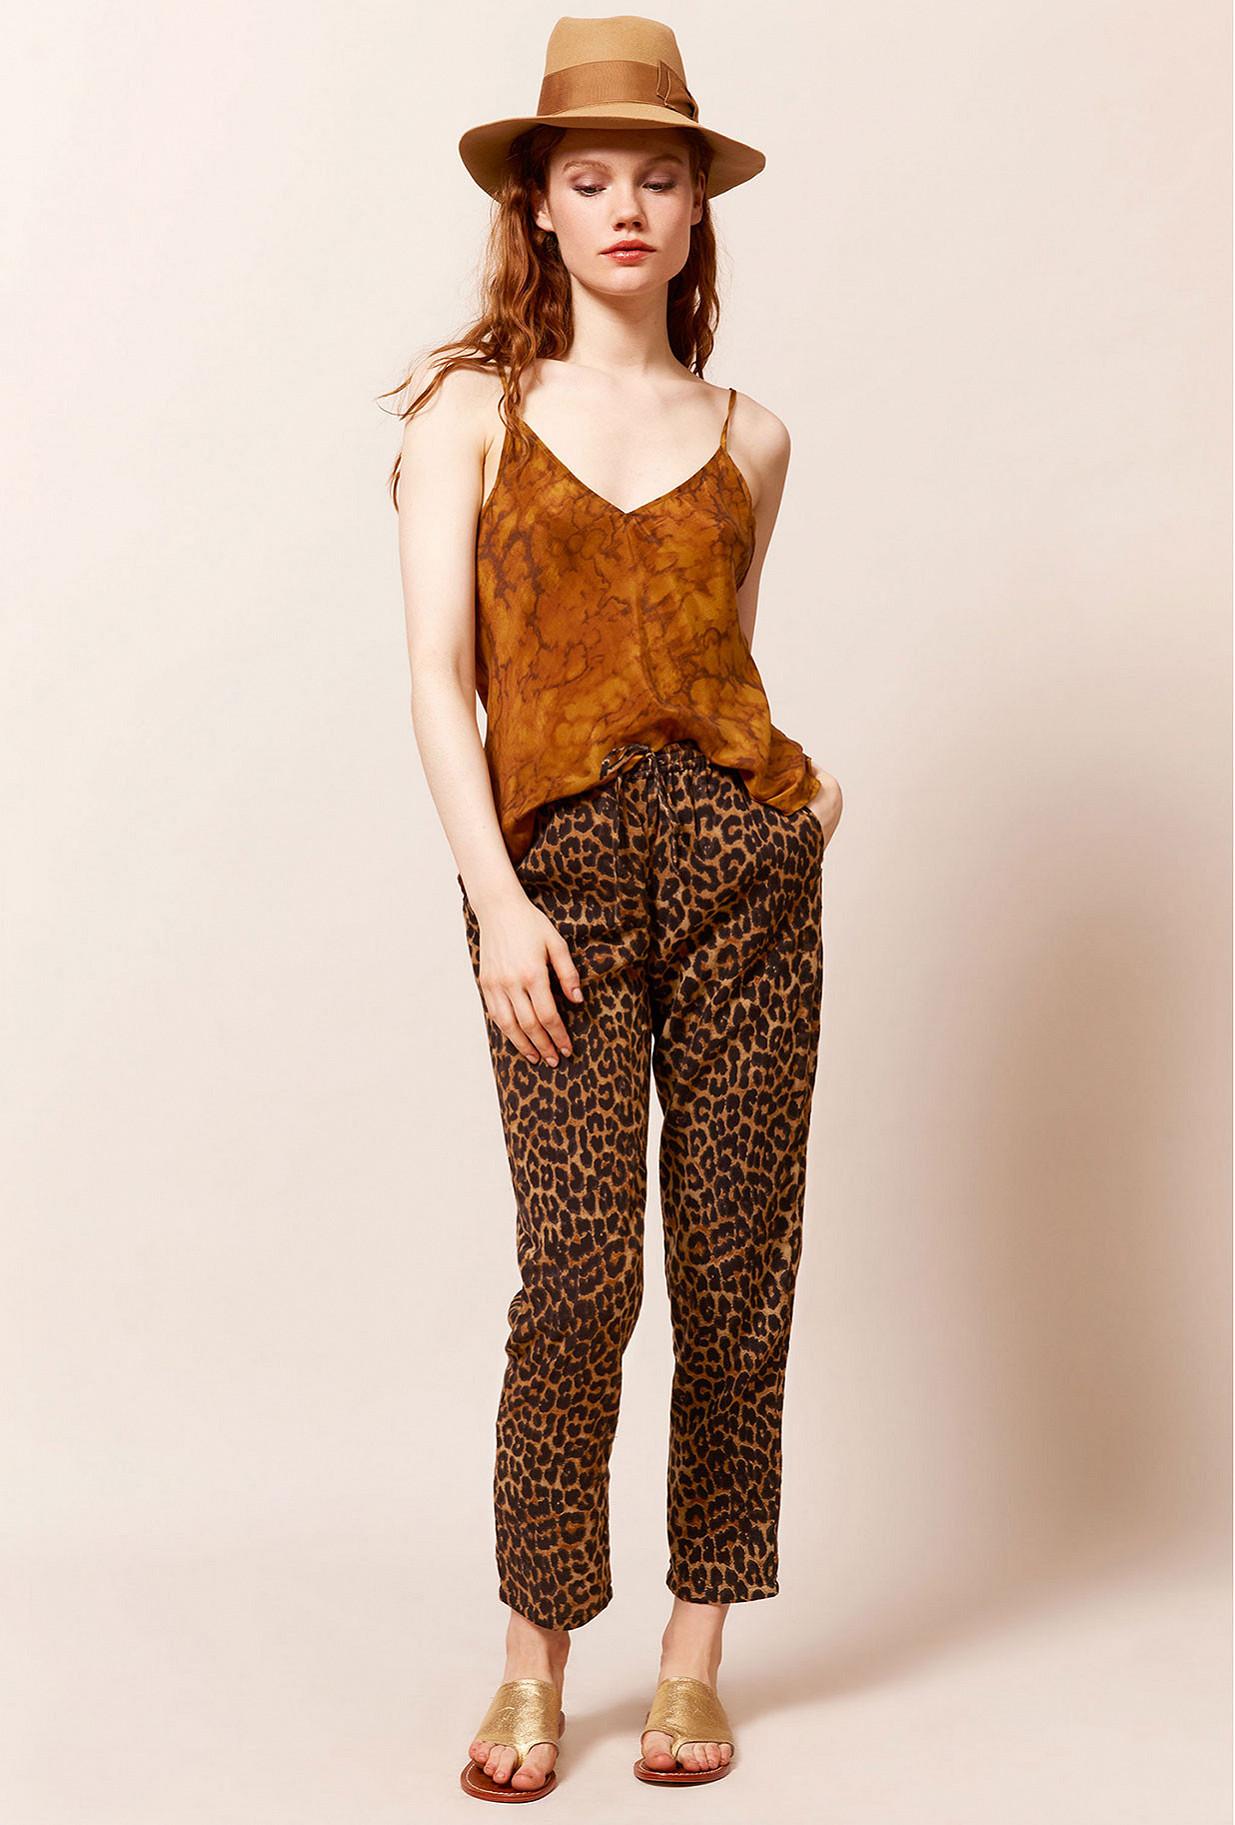 Paris clothes store Pant  Fatal french designer fashion Paris